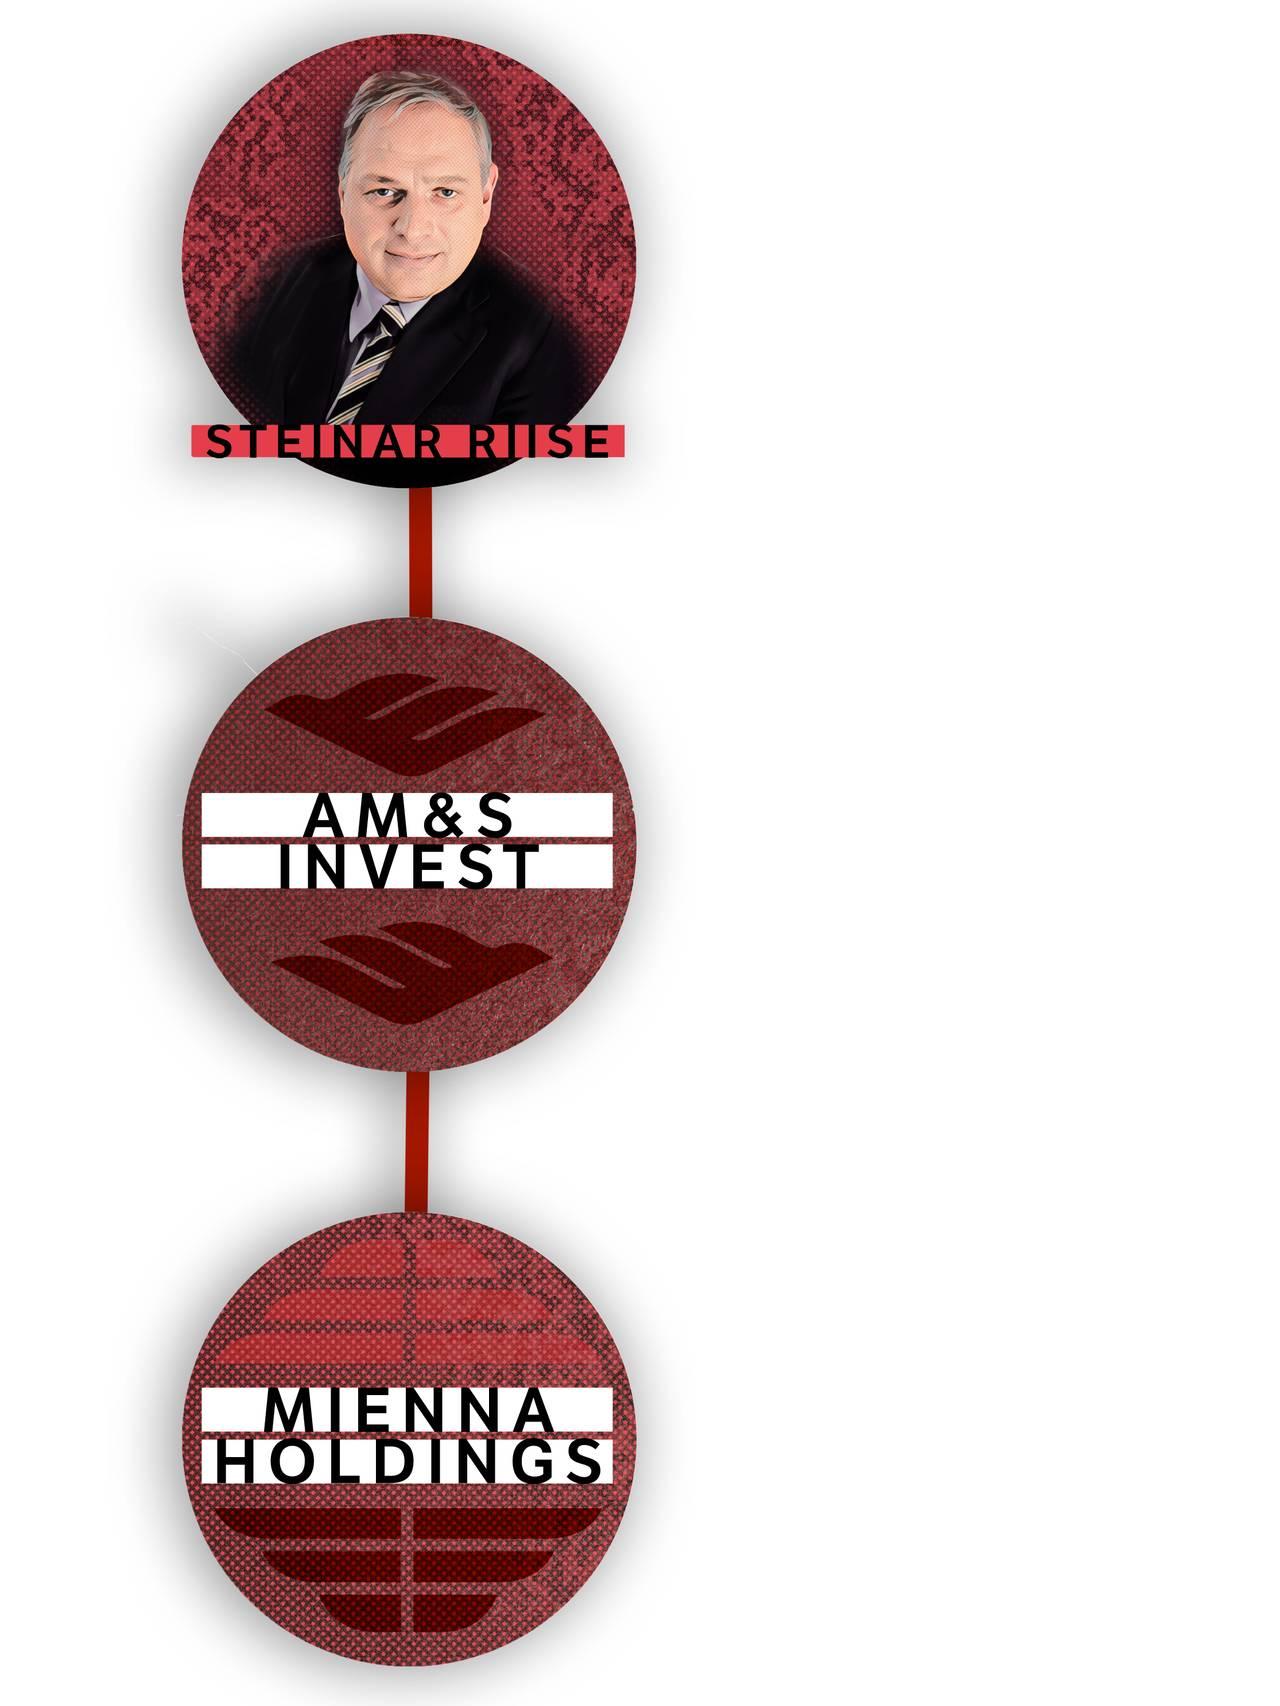 Eierstruktur Mienna Holdings